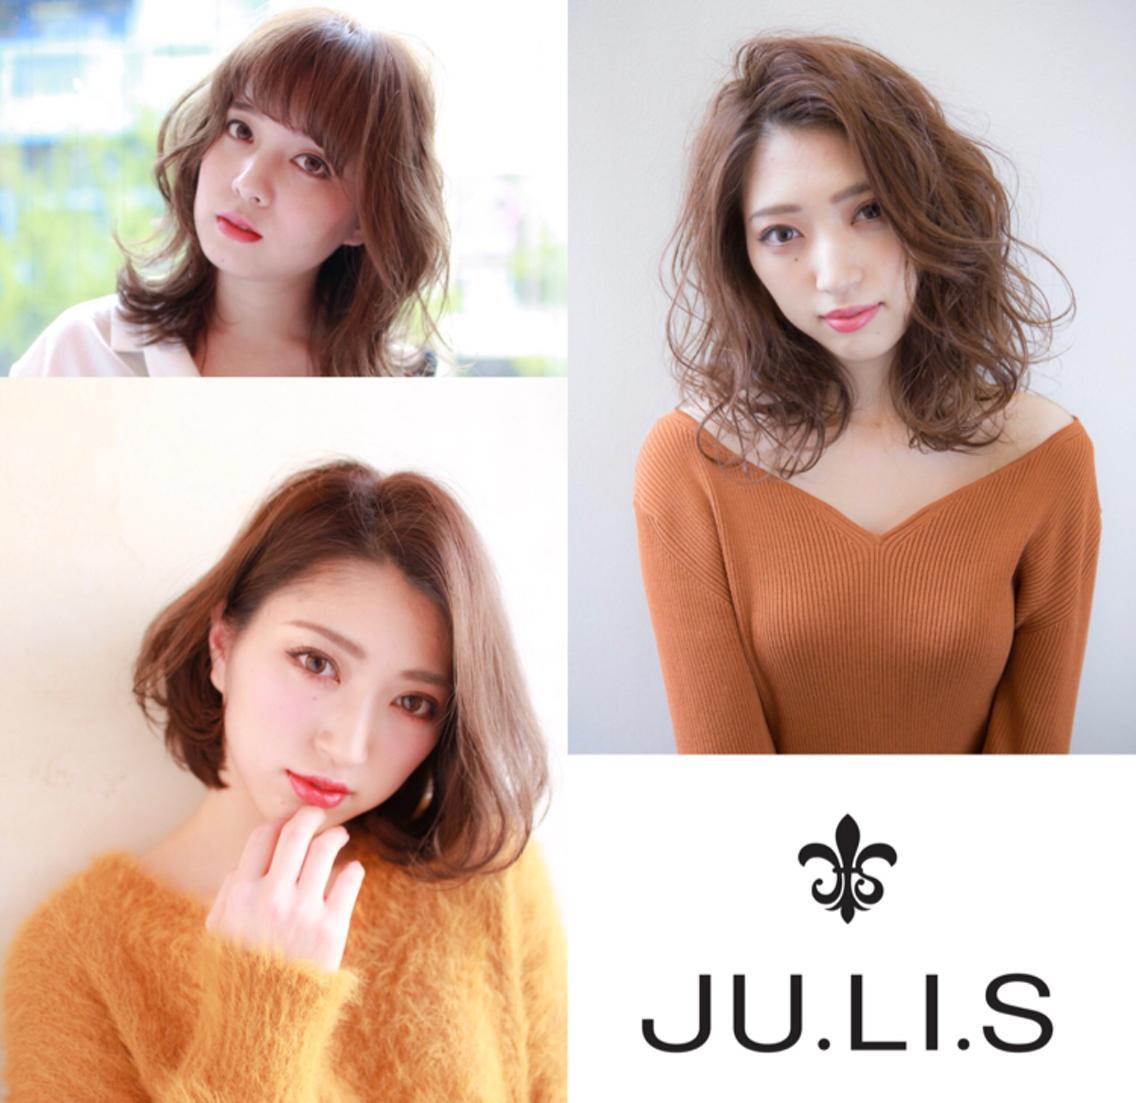 JU.LI.S【ユリエス】所属・中原 ジュンの掲載